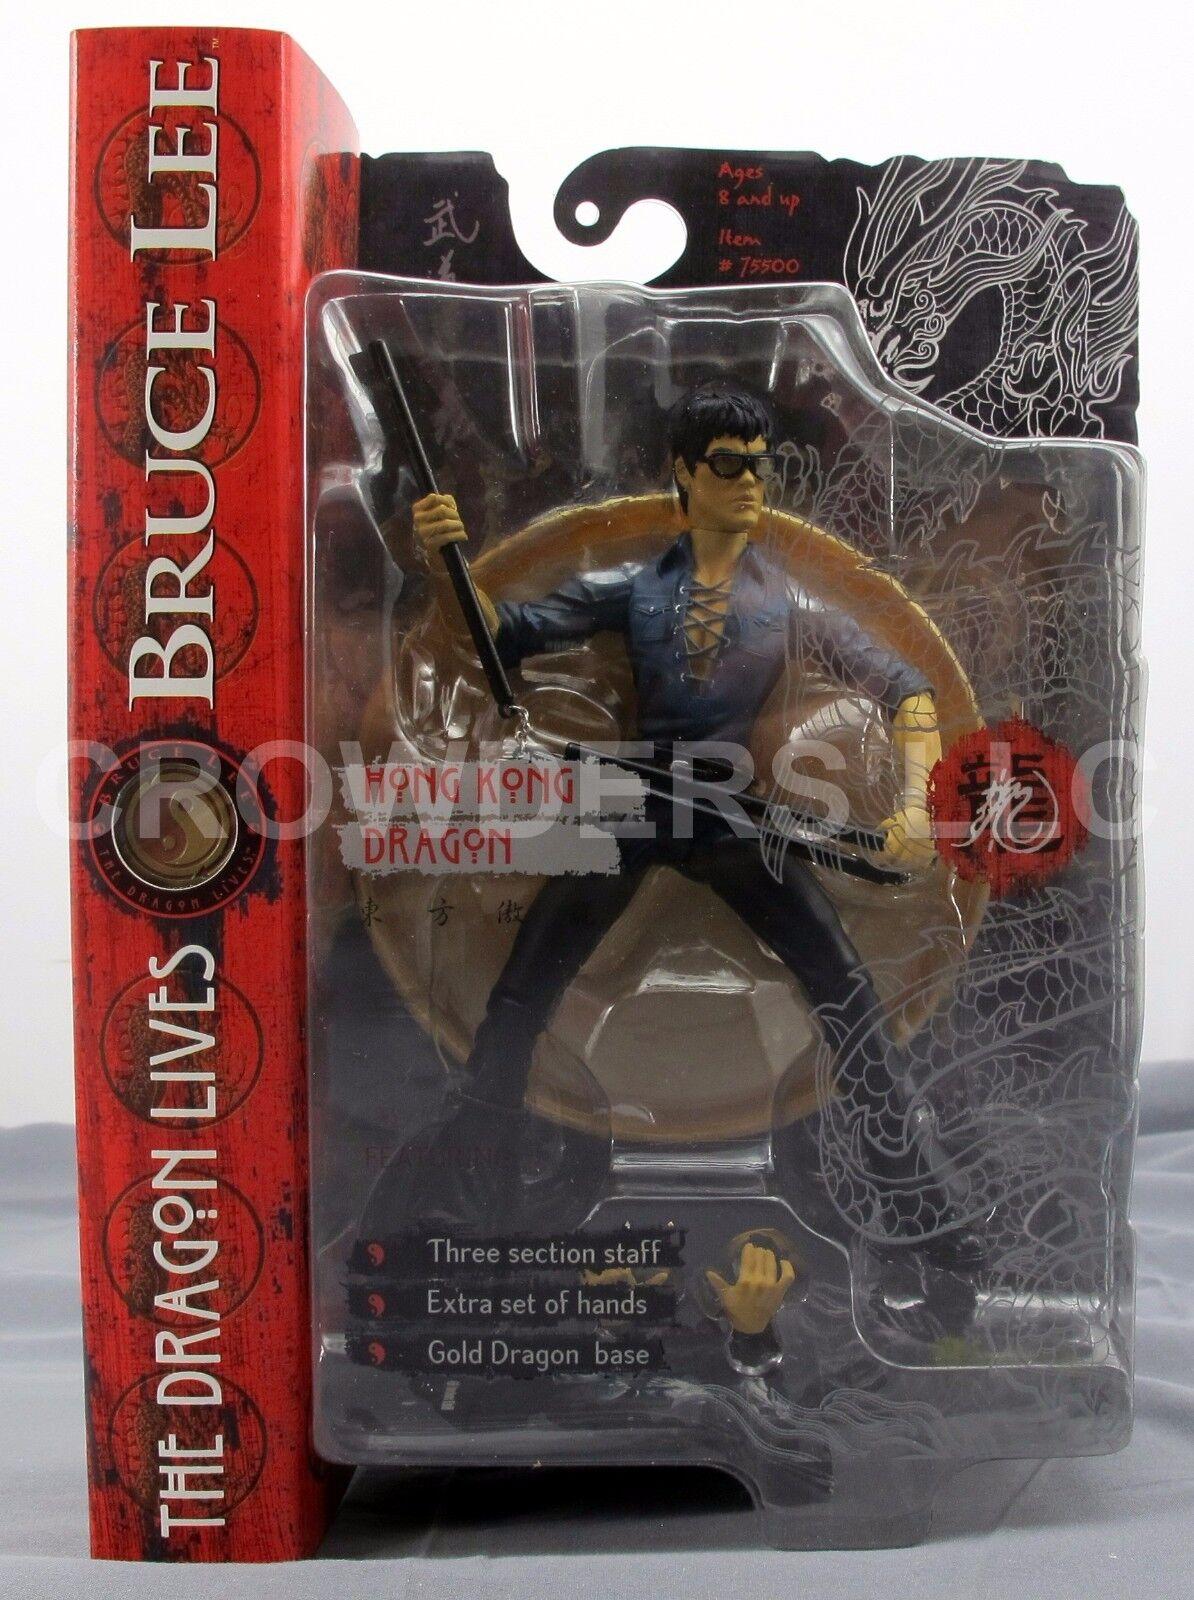 Bruce Lee The Dragon Lives HONG KONG DRAGON 7